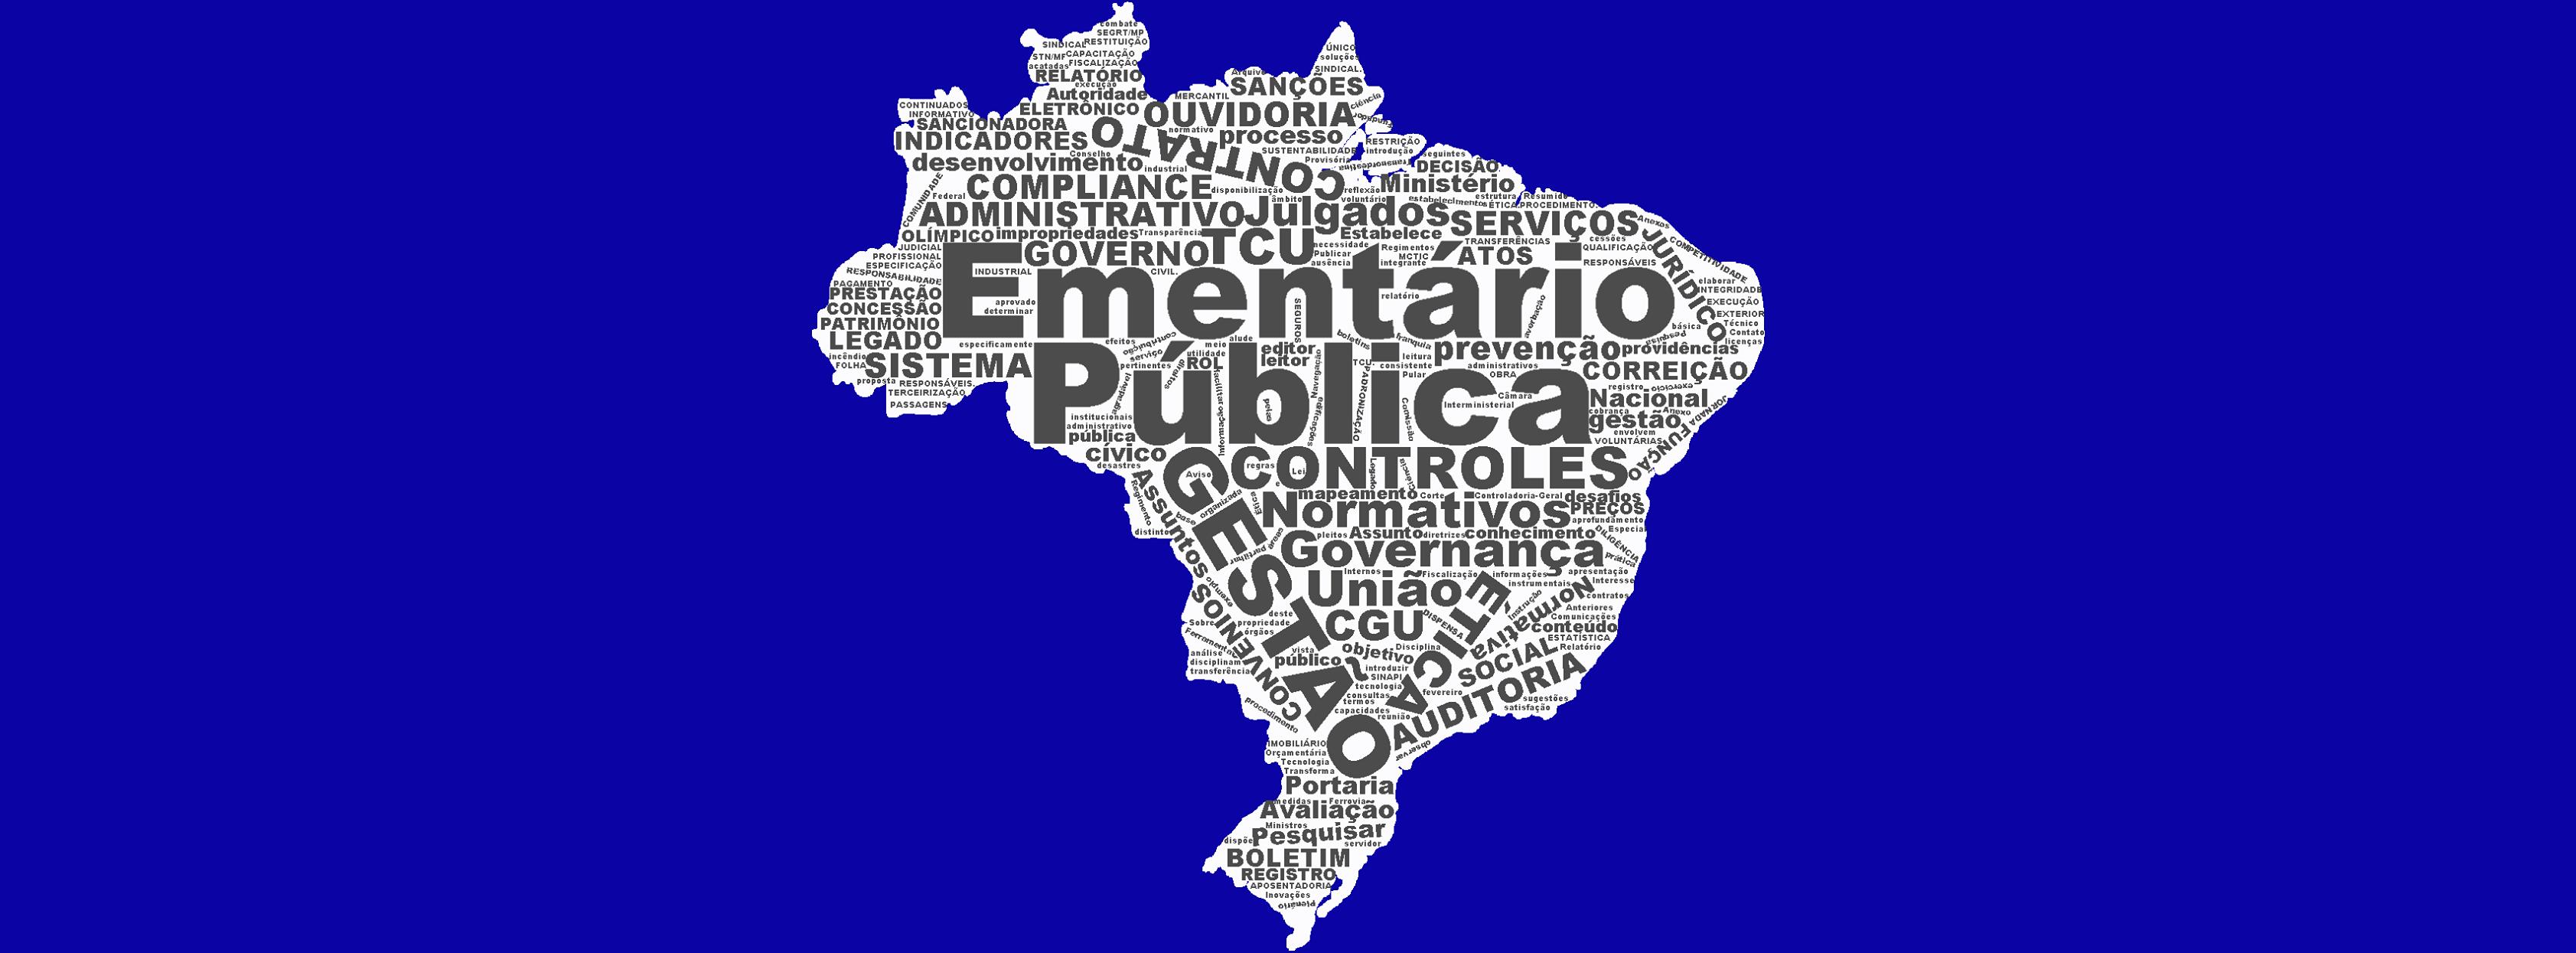 Ementário de Gestão Pública nº 2.154